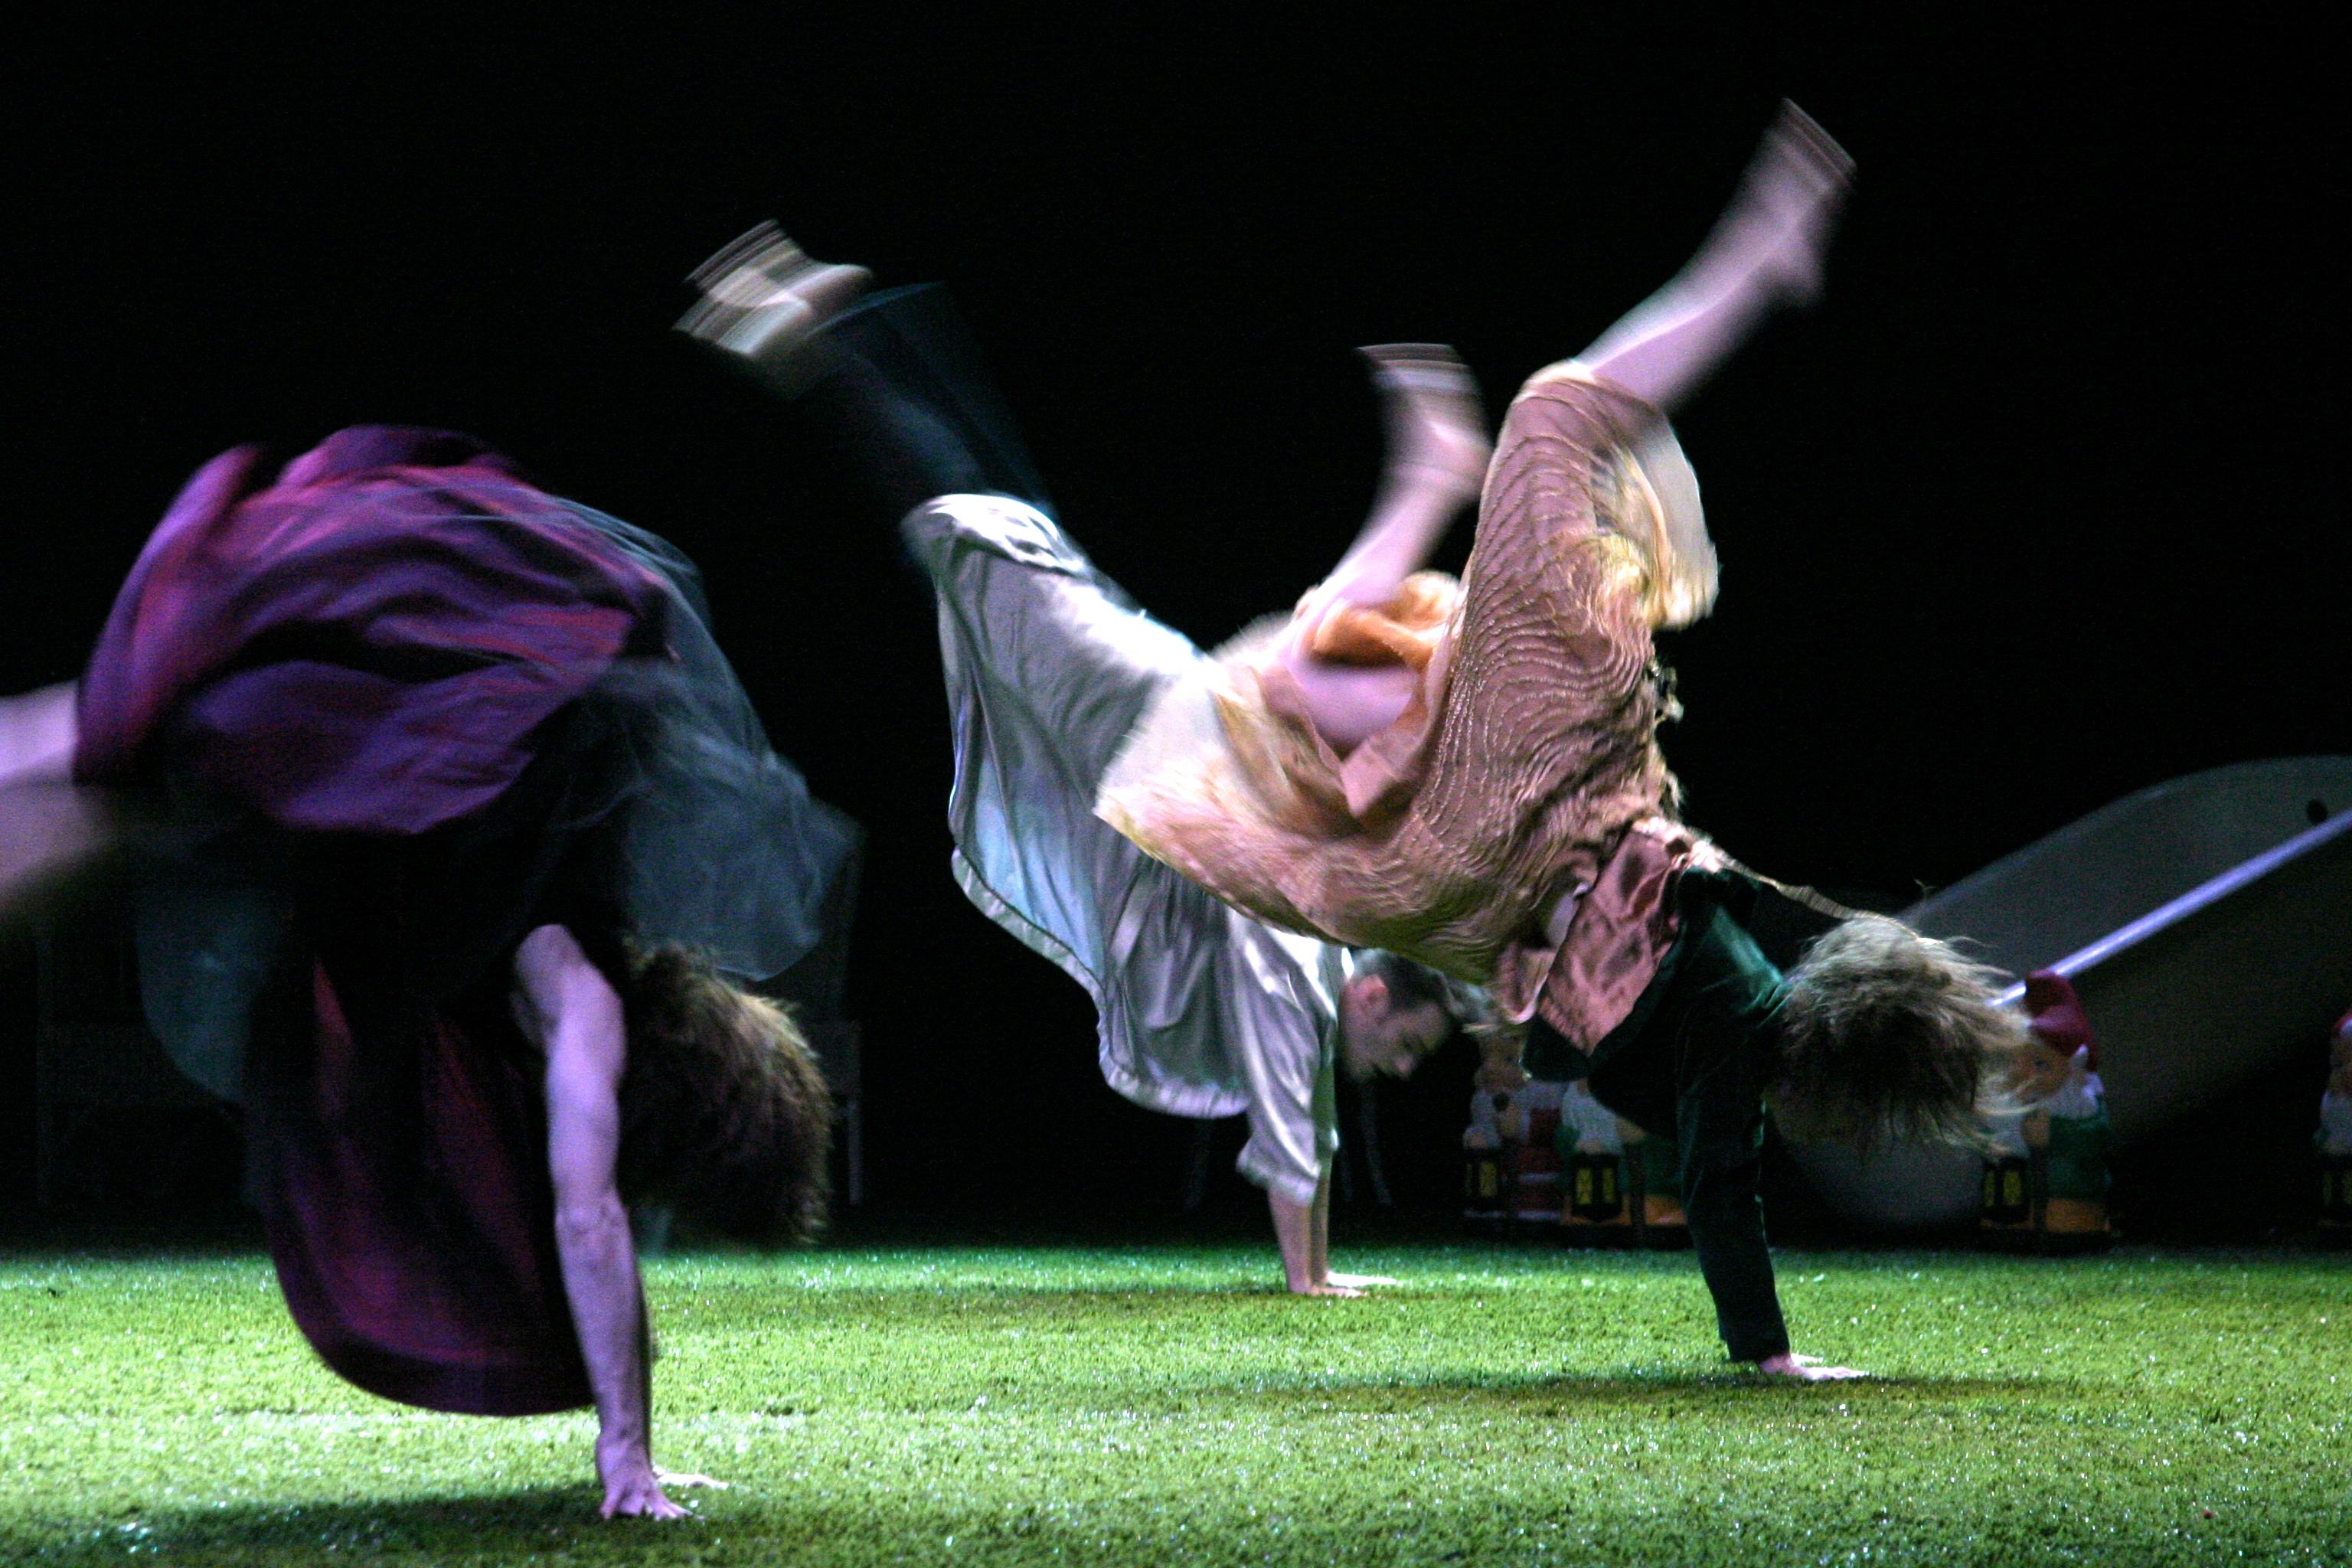 Κωνσταντίνος Ρήγος - Χοροθέατρο Οκτάνα